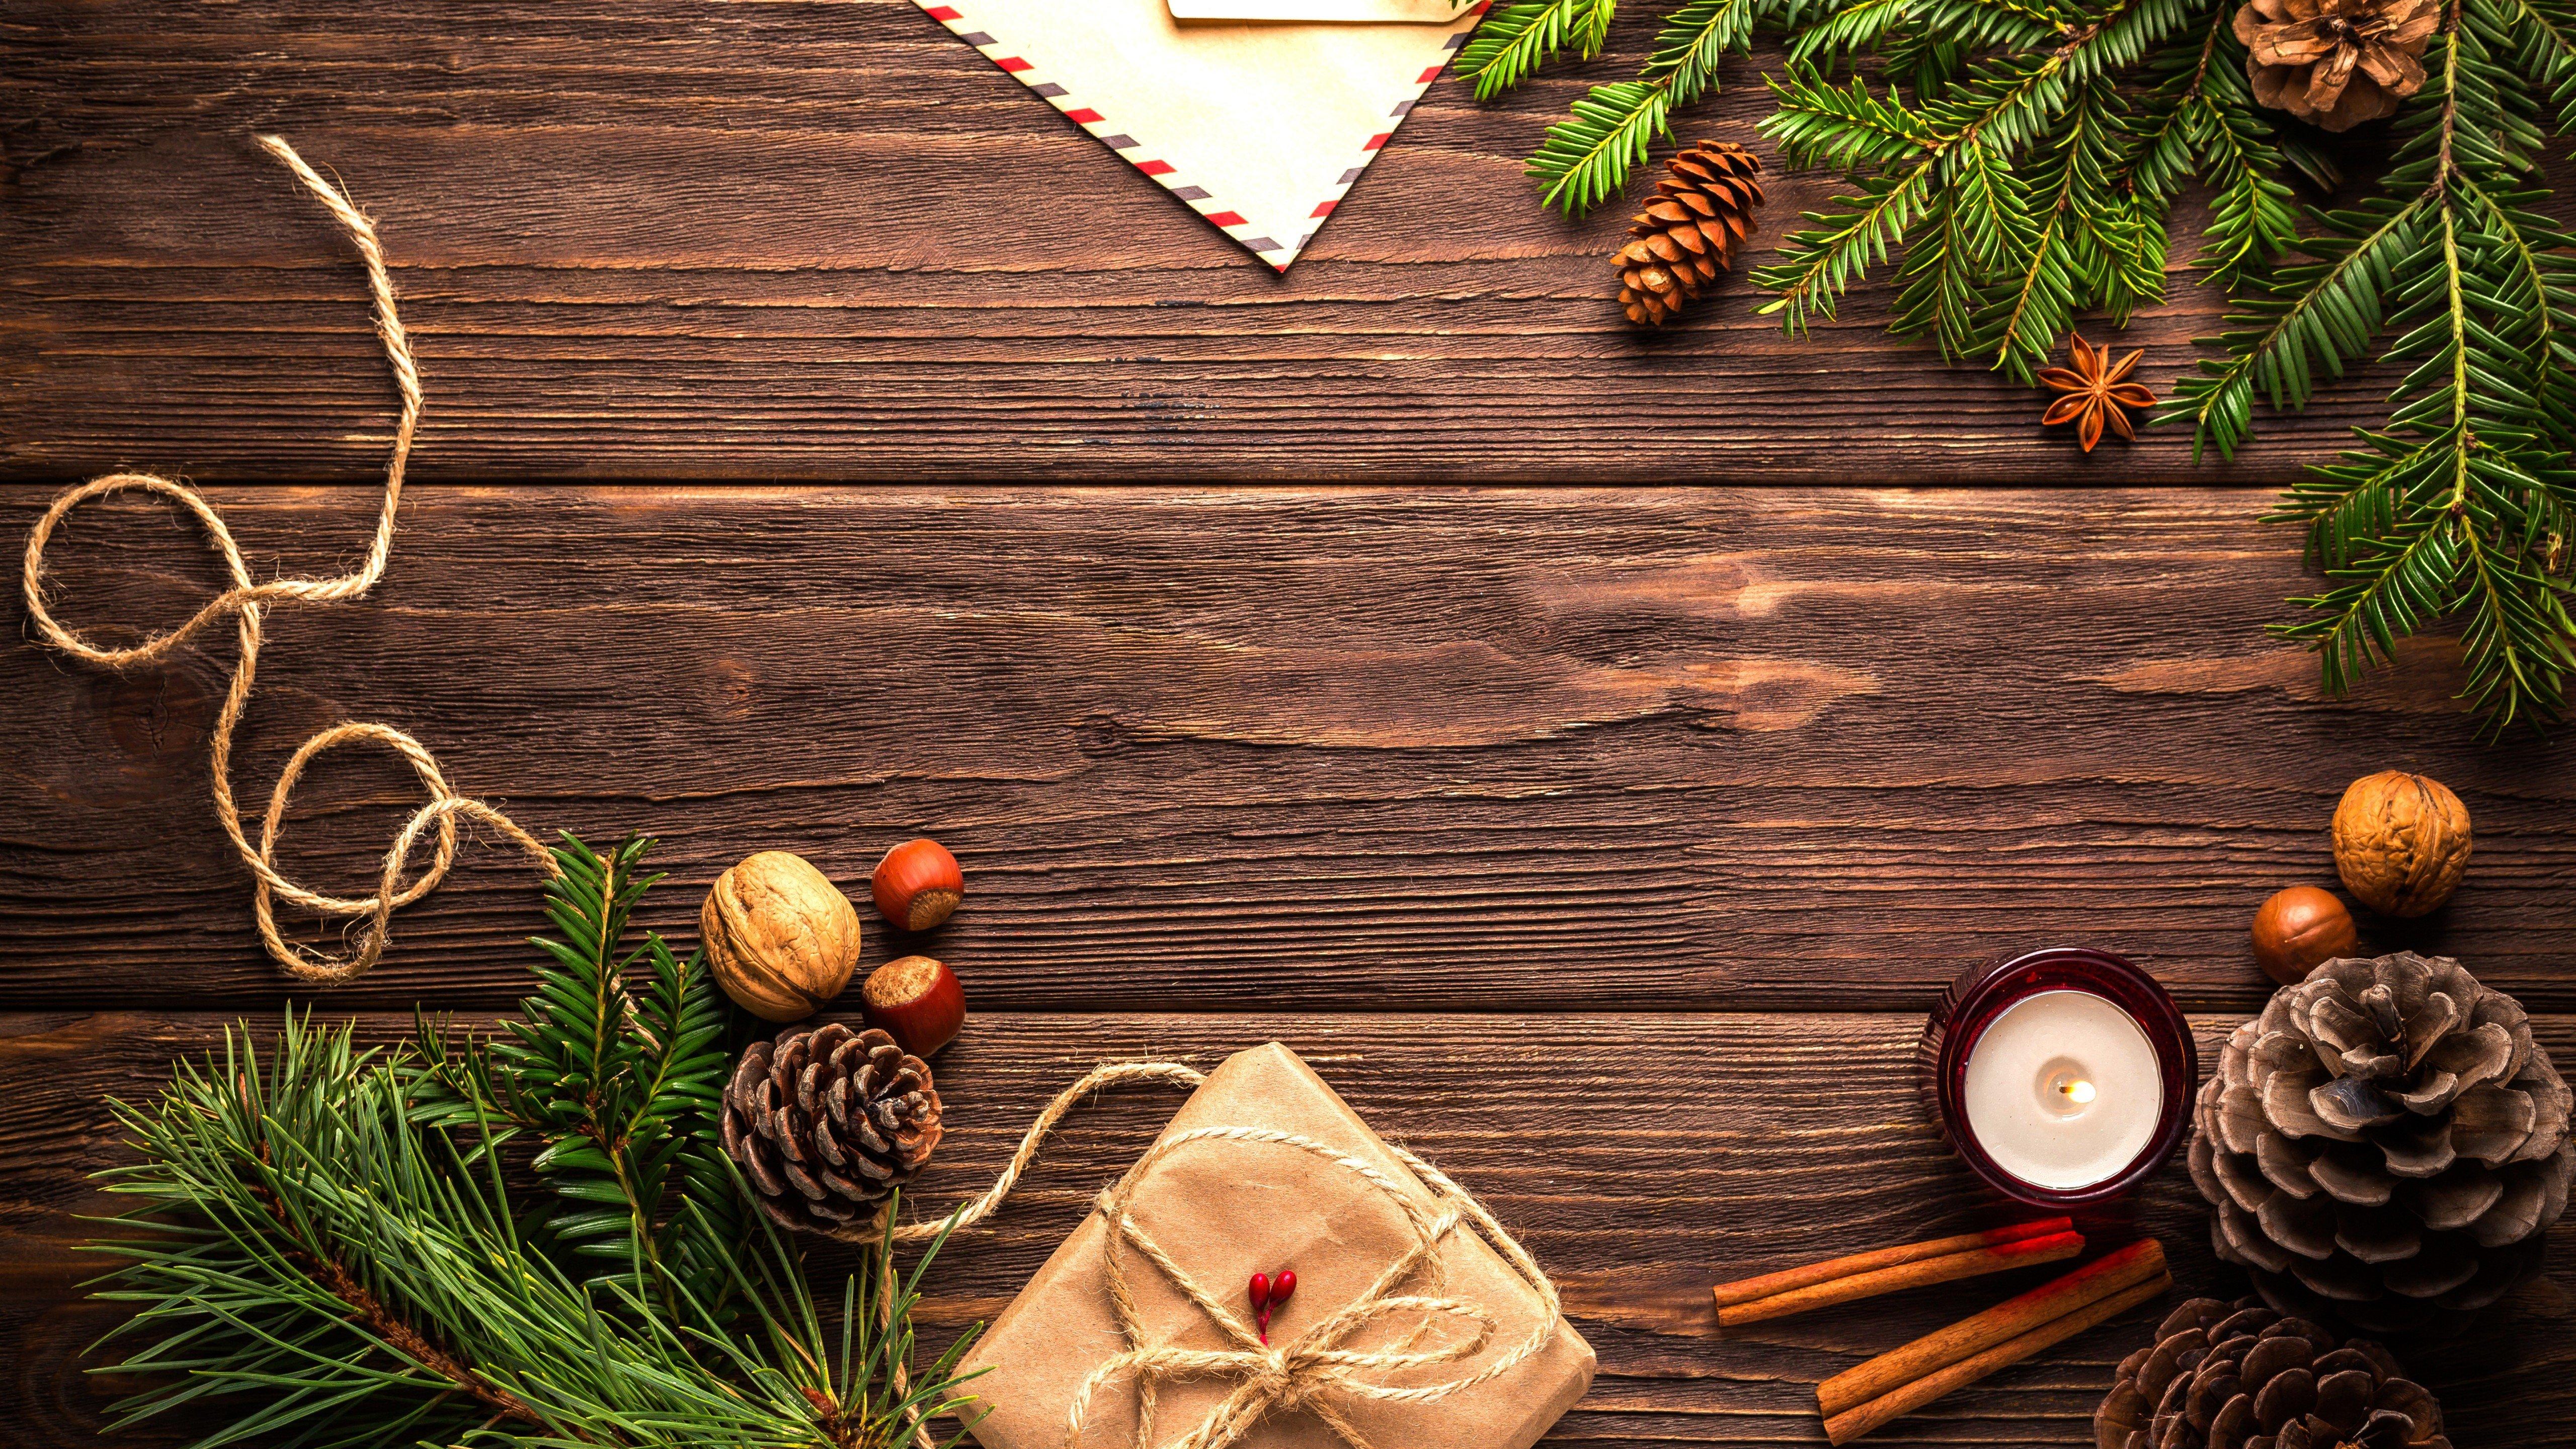 Fondos de pantalla Elementos decorativos de Navidad